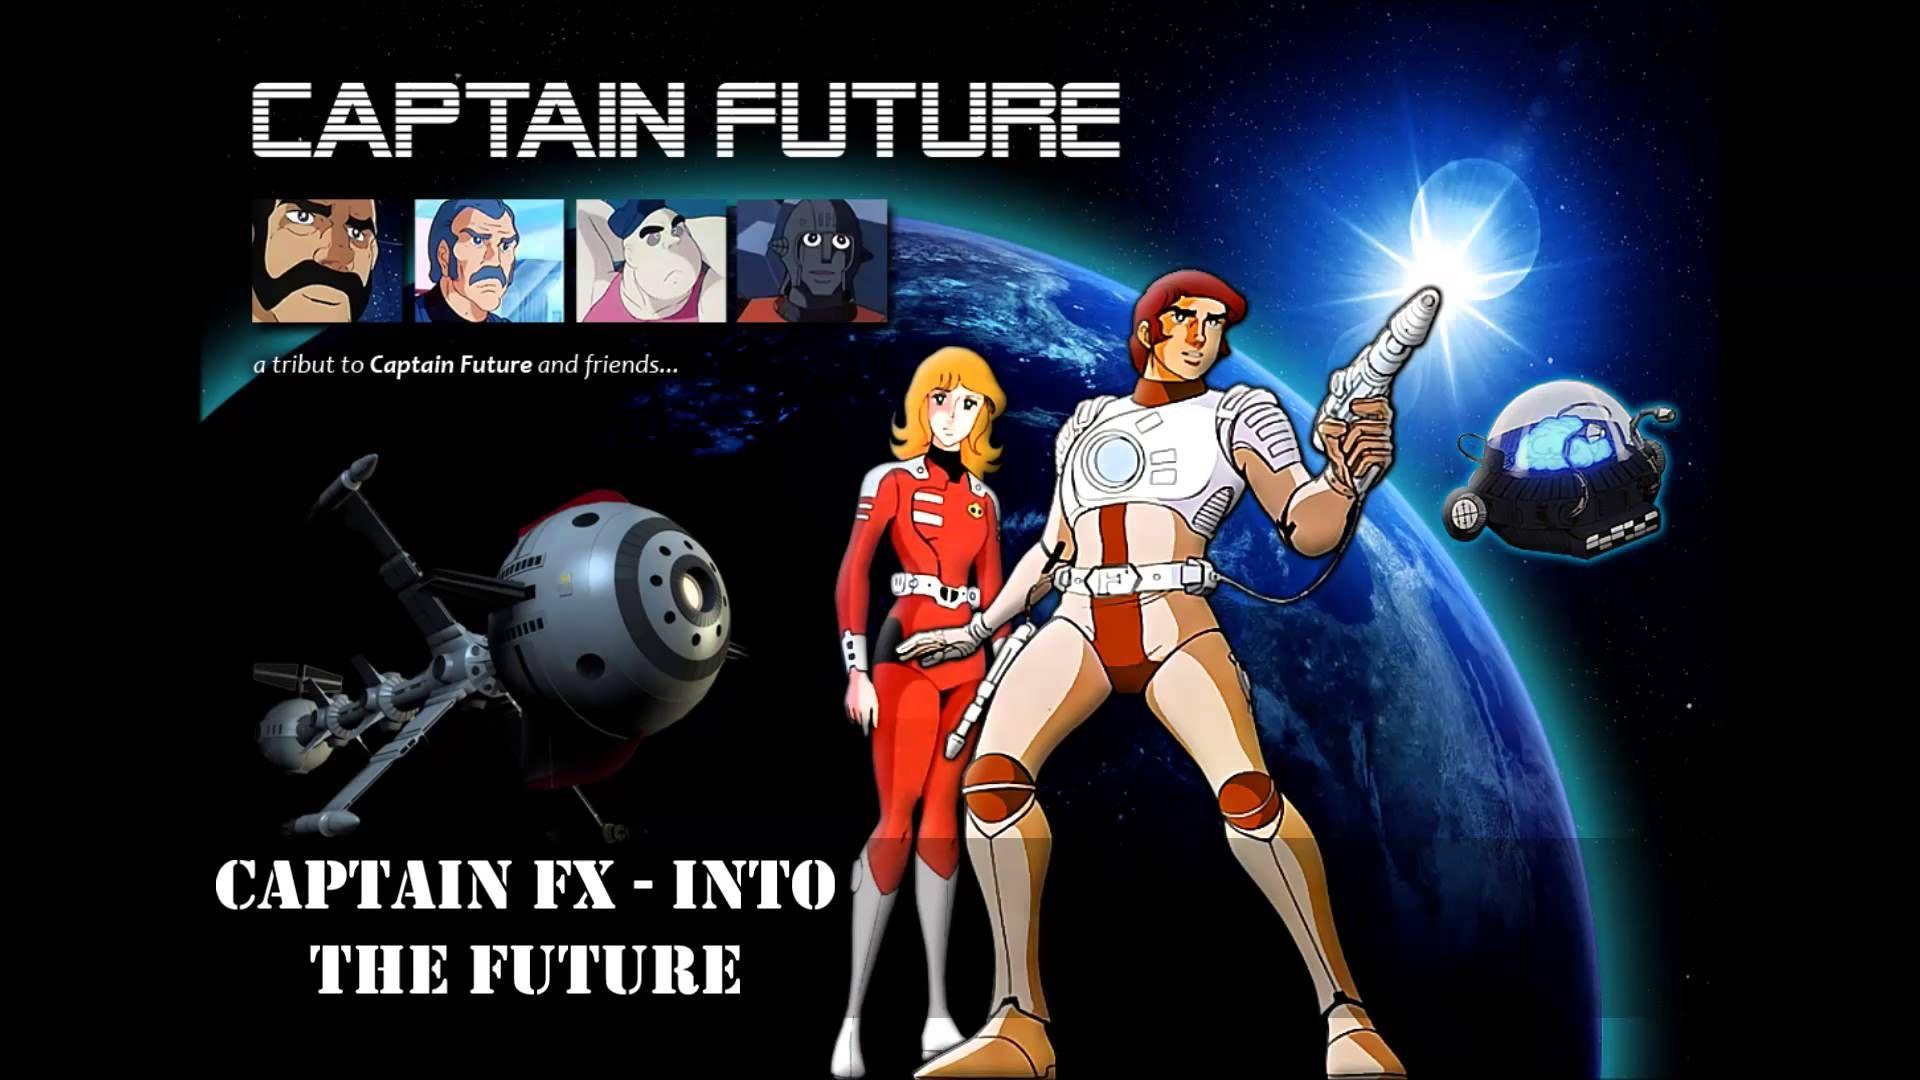 Capitaine Flam Est Une Serie Televisee D Animation Japonaise Produite Par La Tōei Animation Basee Sur Une Collection D Capitaine Flam Space Opera Dessin Anime